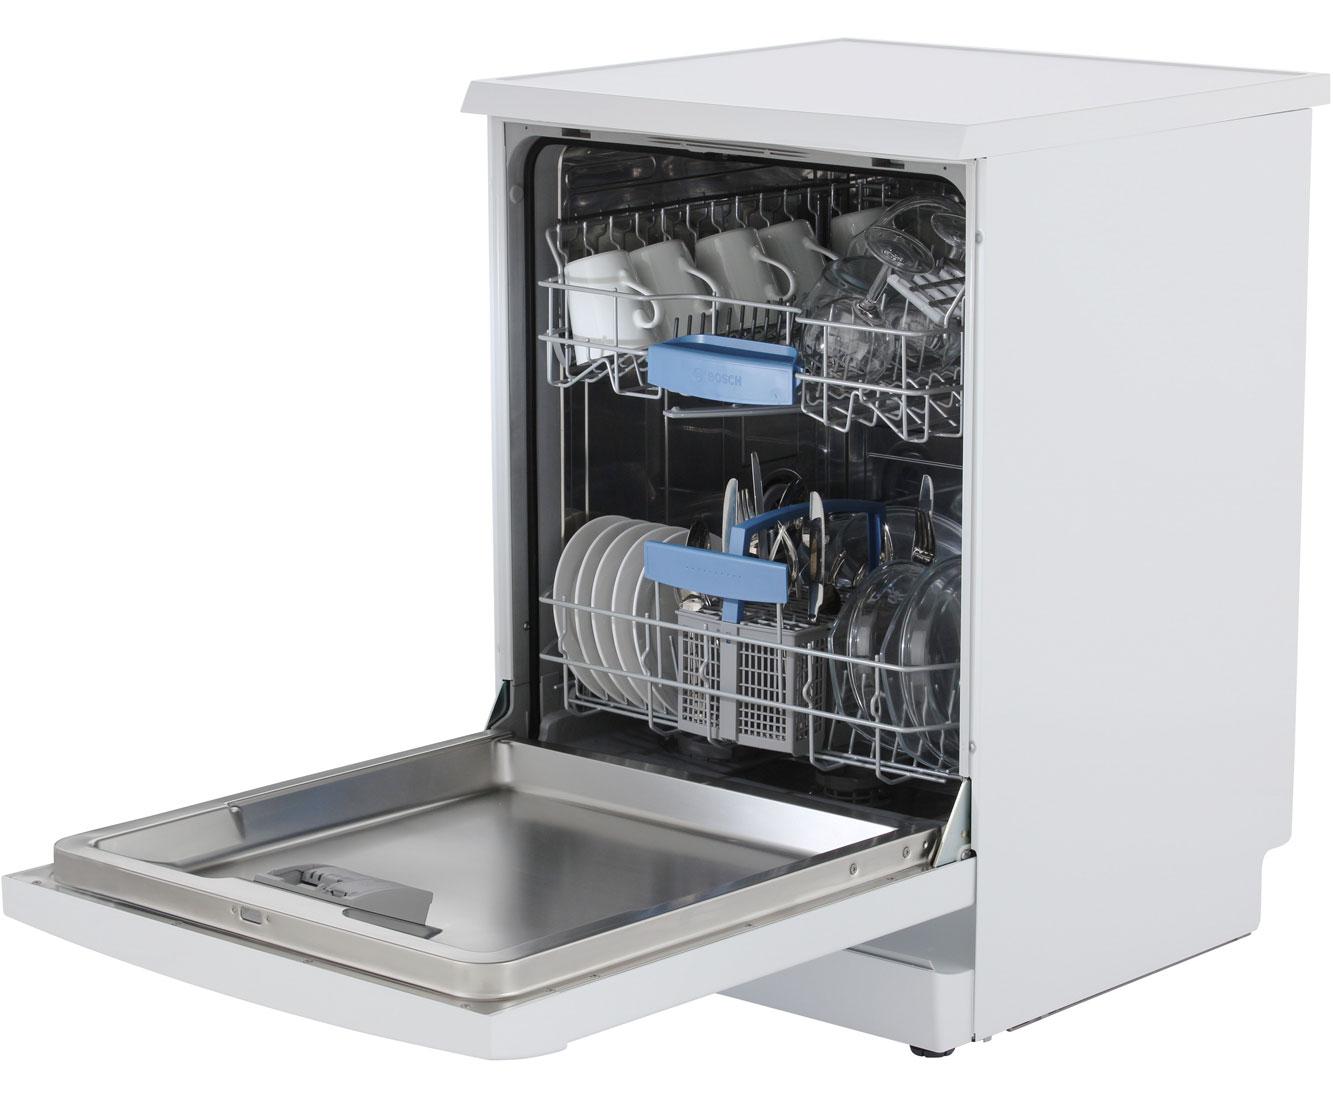 BOSCH Serie 6 Geschirrspüler unterbaufähig,  A++, VarioFlex Körbe, AquaStop, Wassermenge-Sensoren, IntensiveZone, EcoSilence Drive